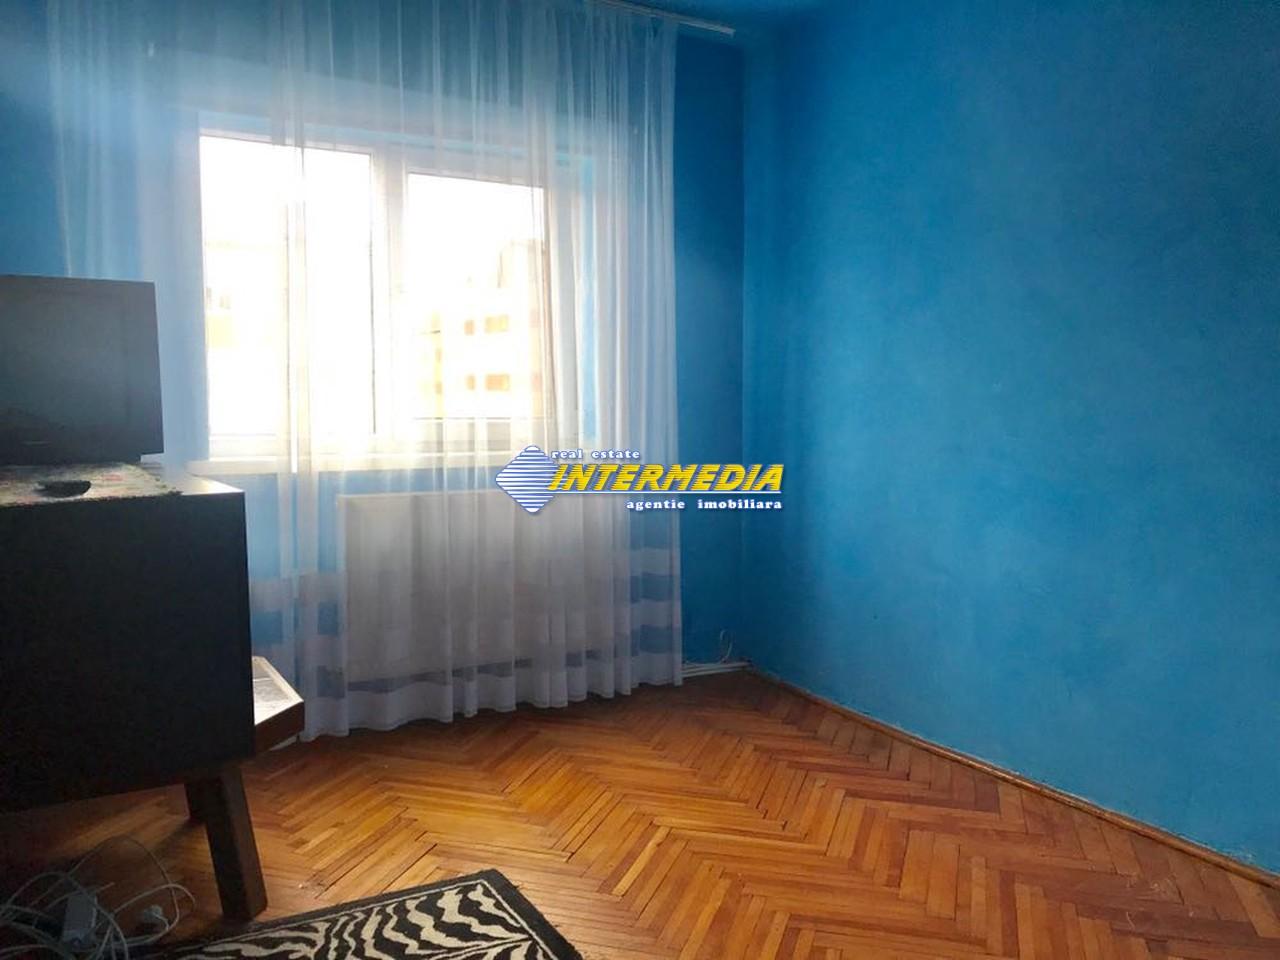 3 camere decomandat de Inchiriat in Cetate Alba Iulia-25574-3